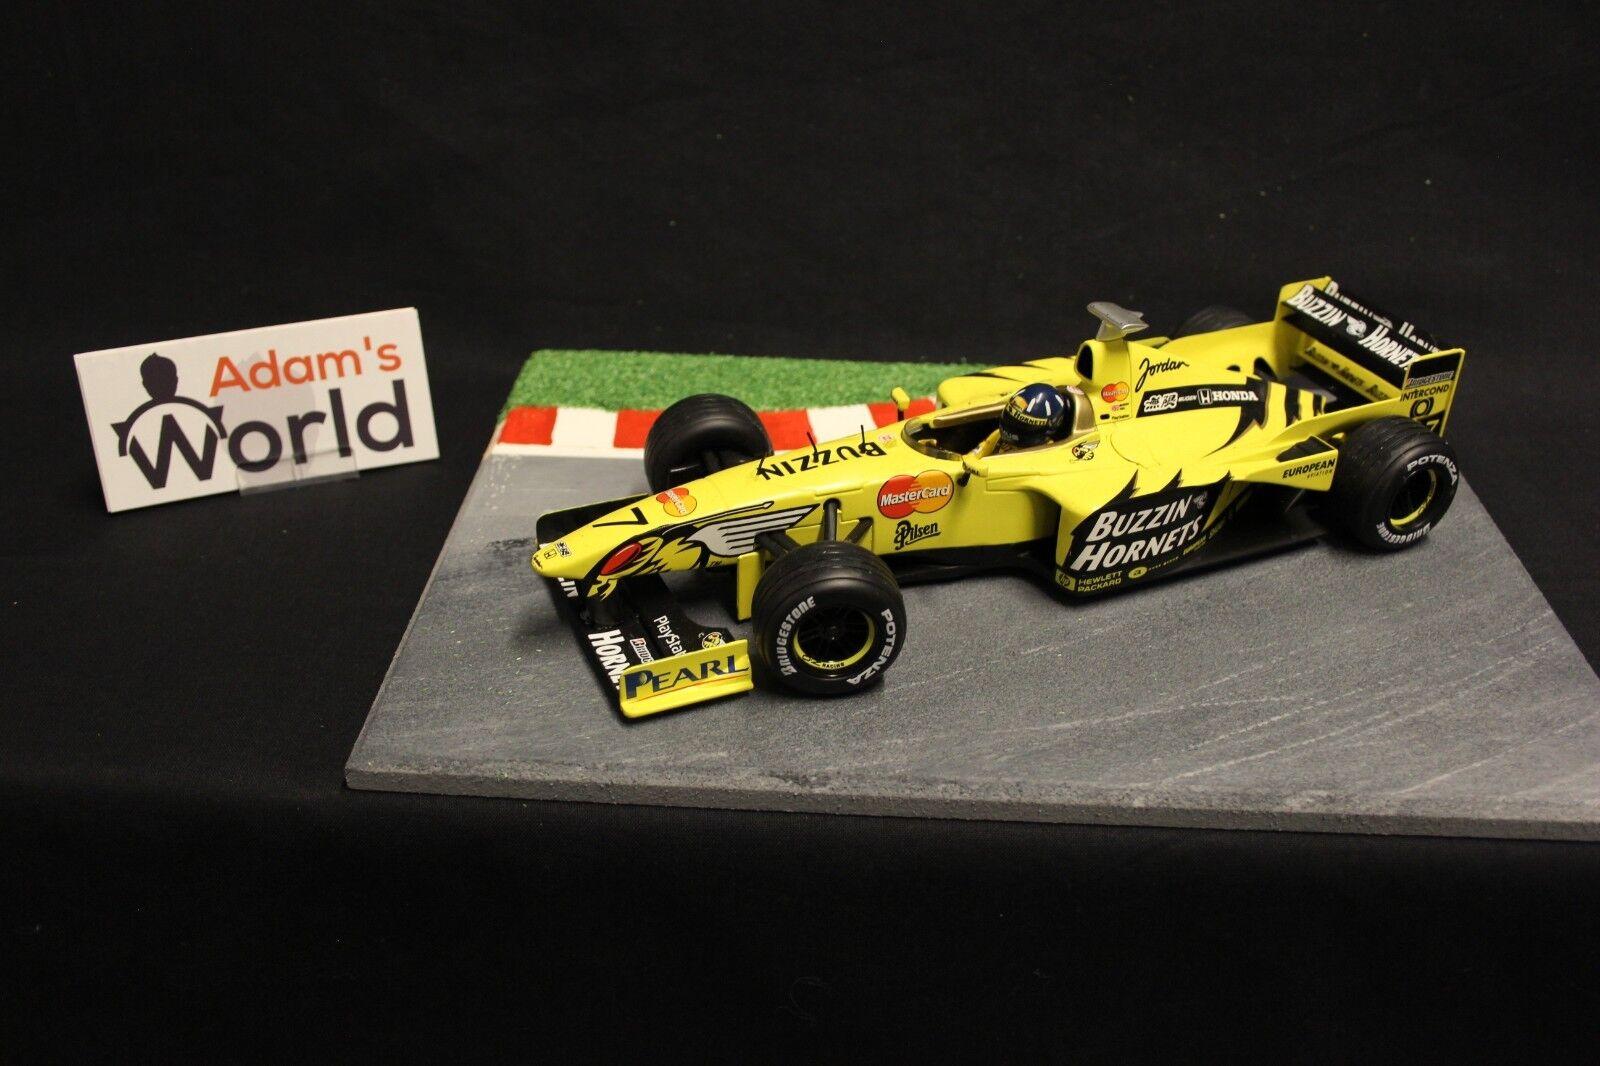 Hot Wheels Jordan Mugen Honda 199 1999 1 18 Damon Hill (GBR) (F1NB)